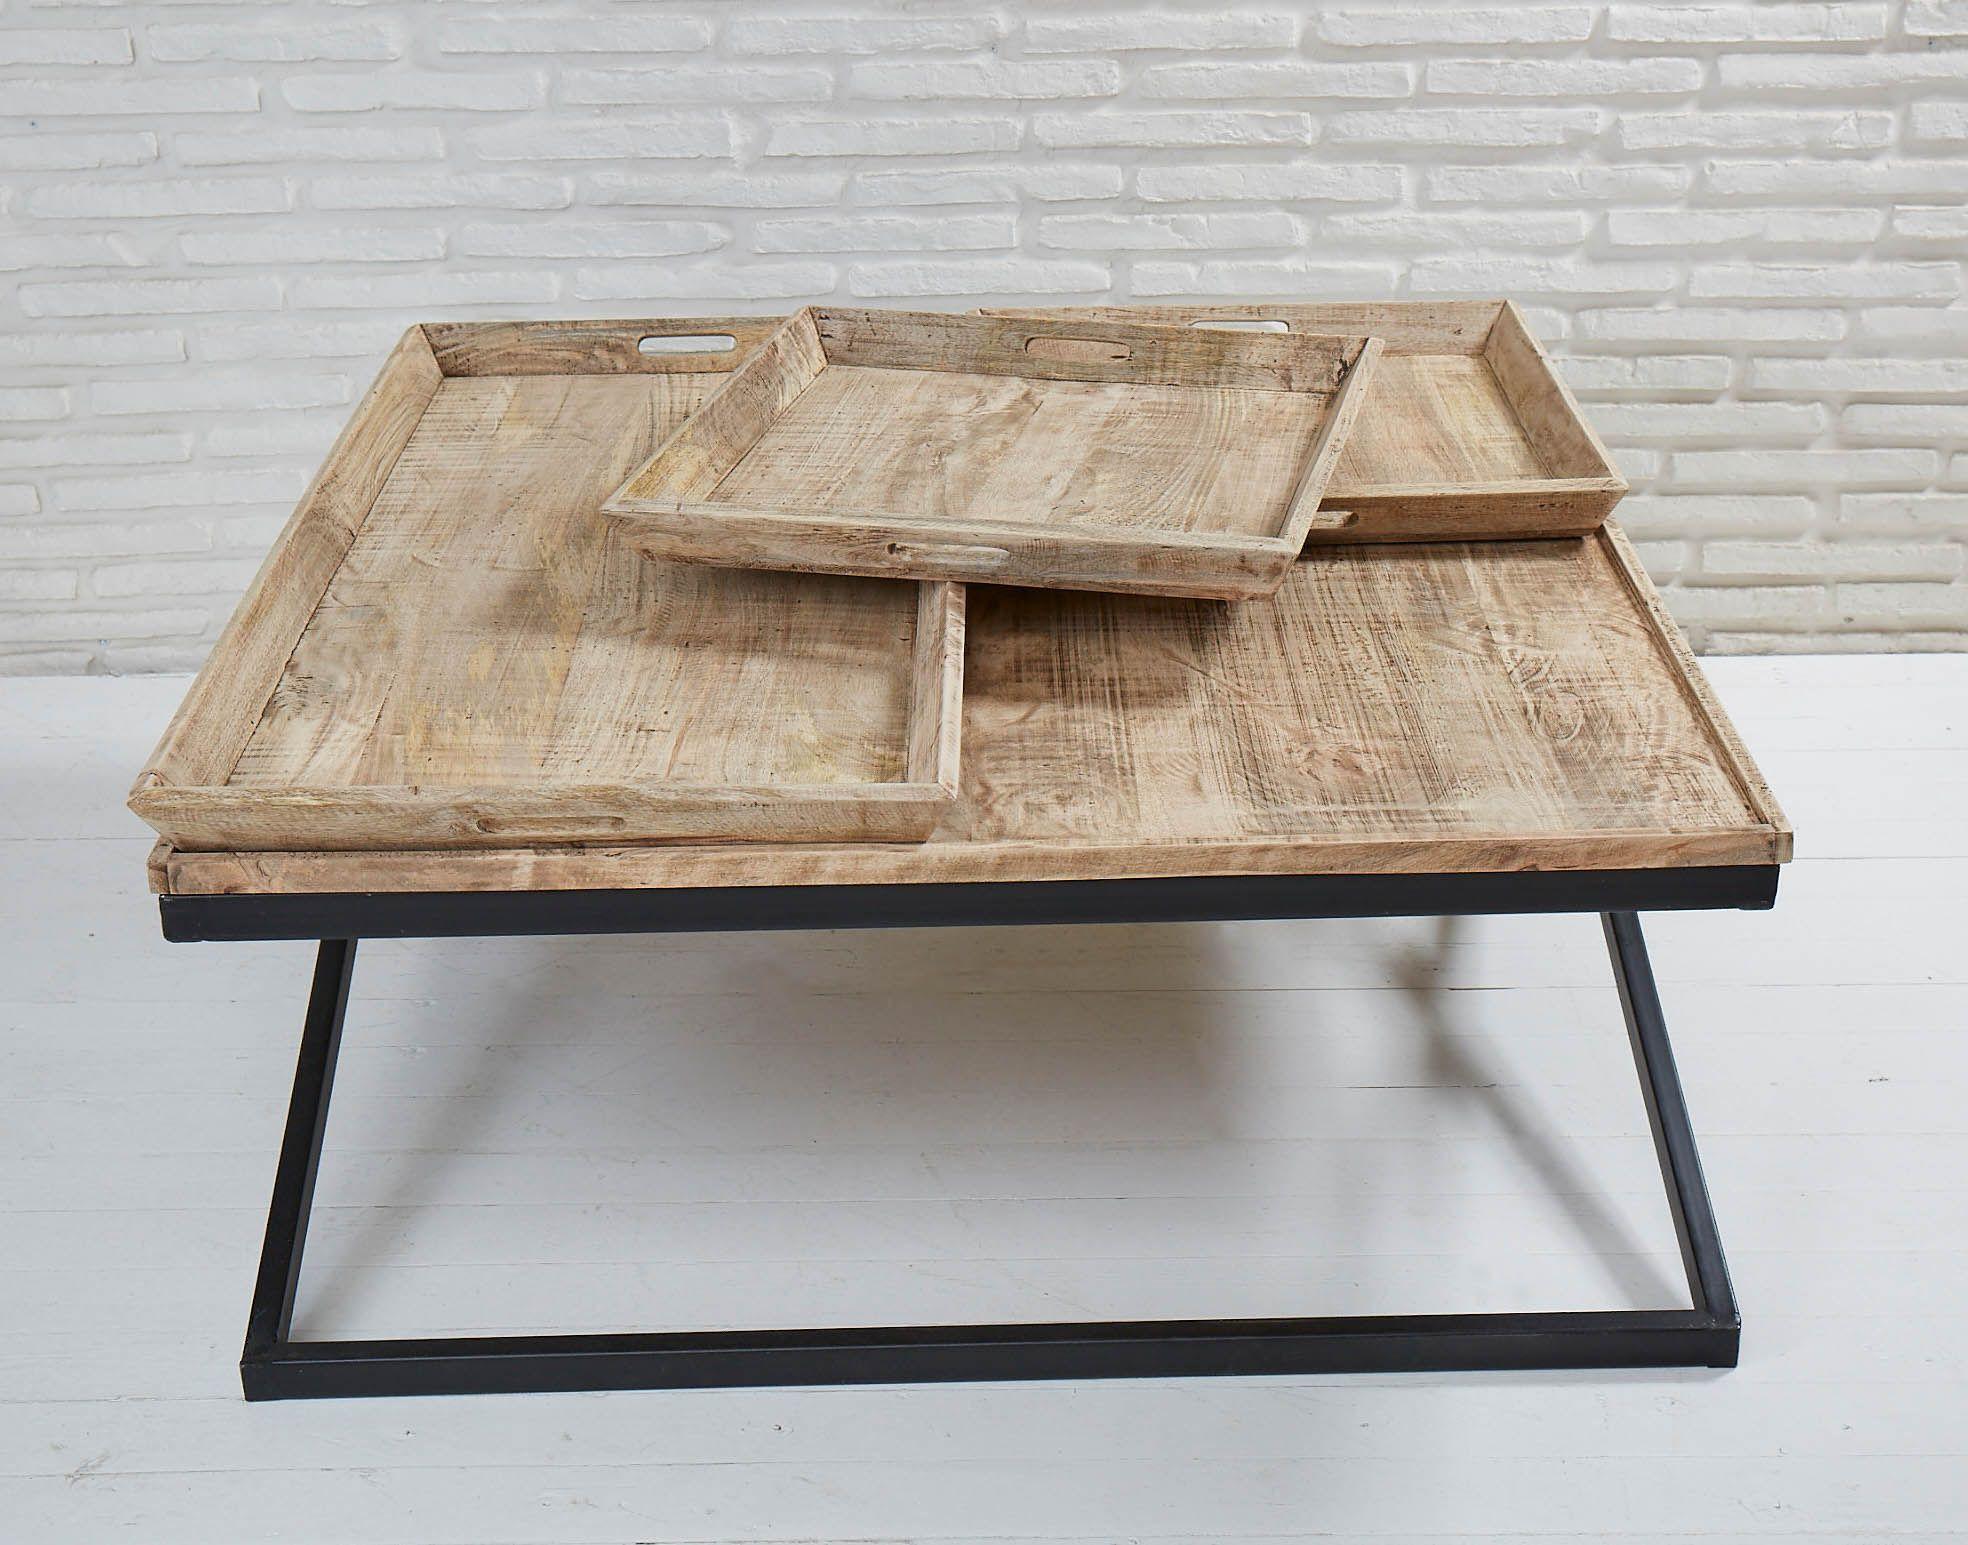 Massiver Couchtisch Mit Drei Abnehmbaren Tabletts Couchtisch Wohnzimmertisch Beistelltisch Tabletttisch Tabletts Mangoho Couchtisch Wohnzimmertisch Tisch